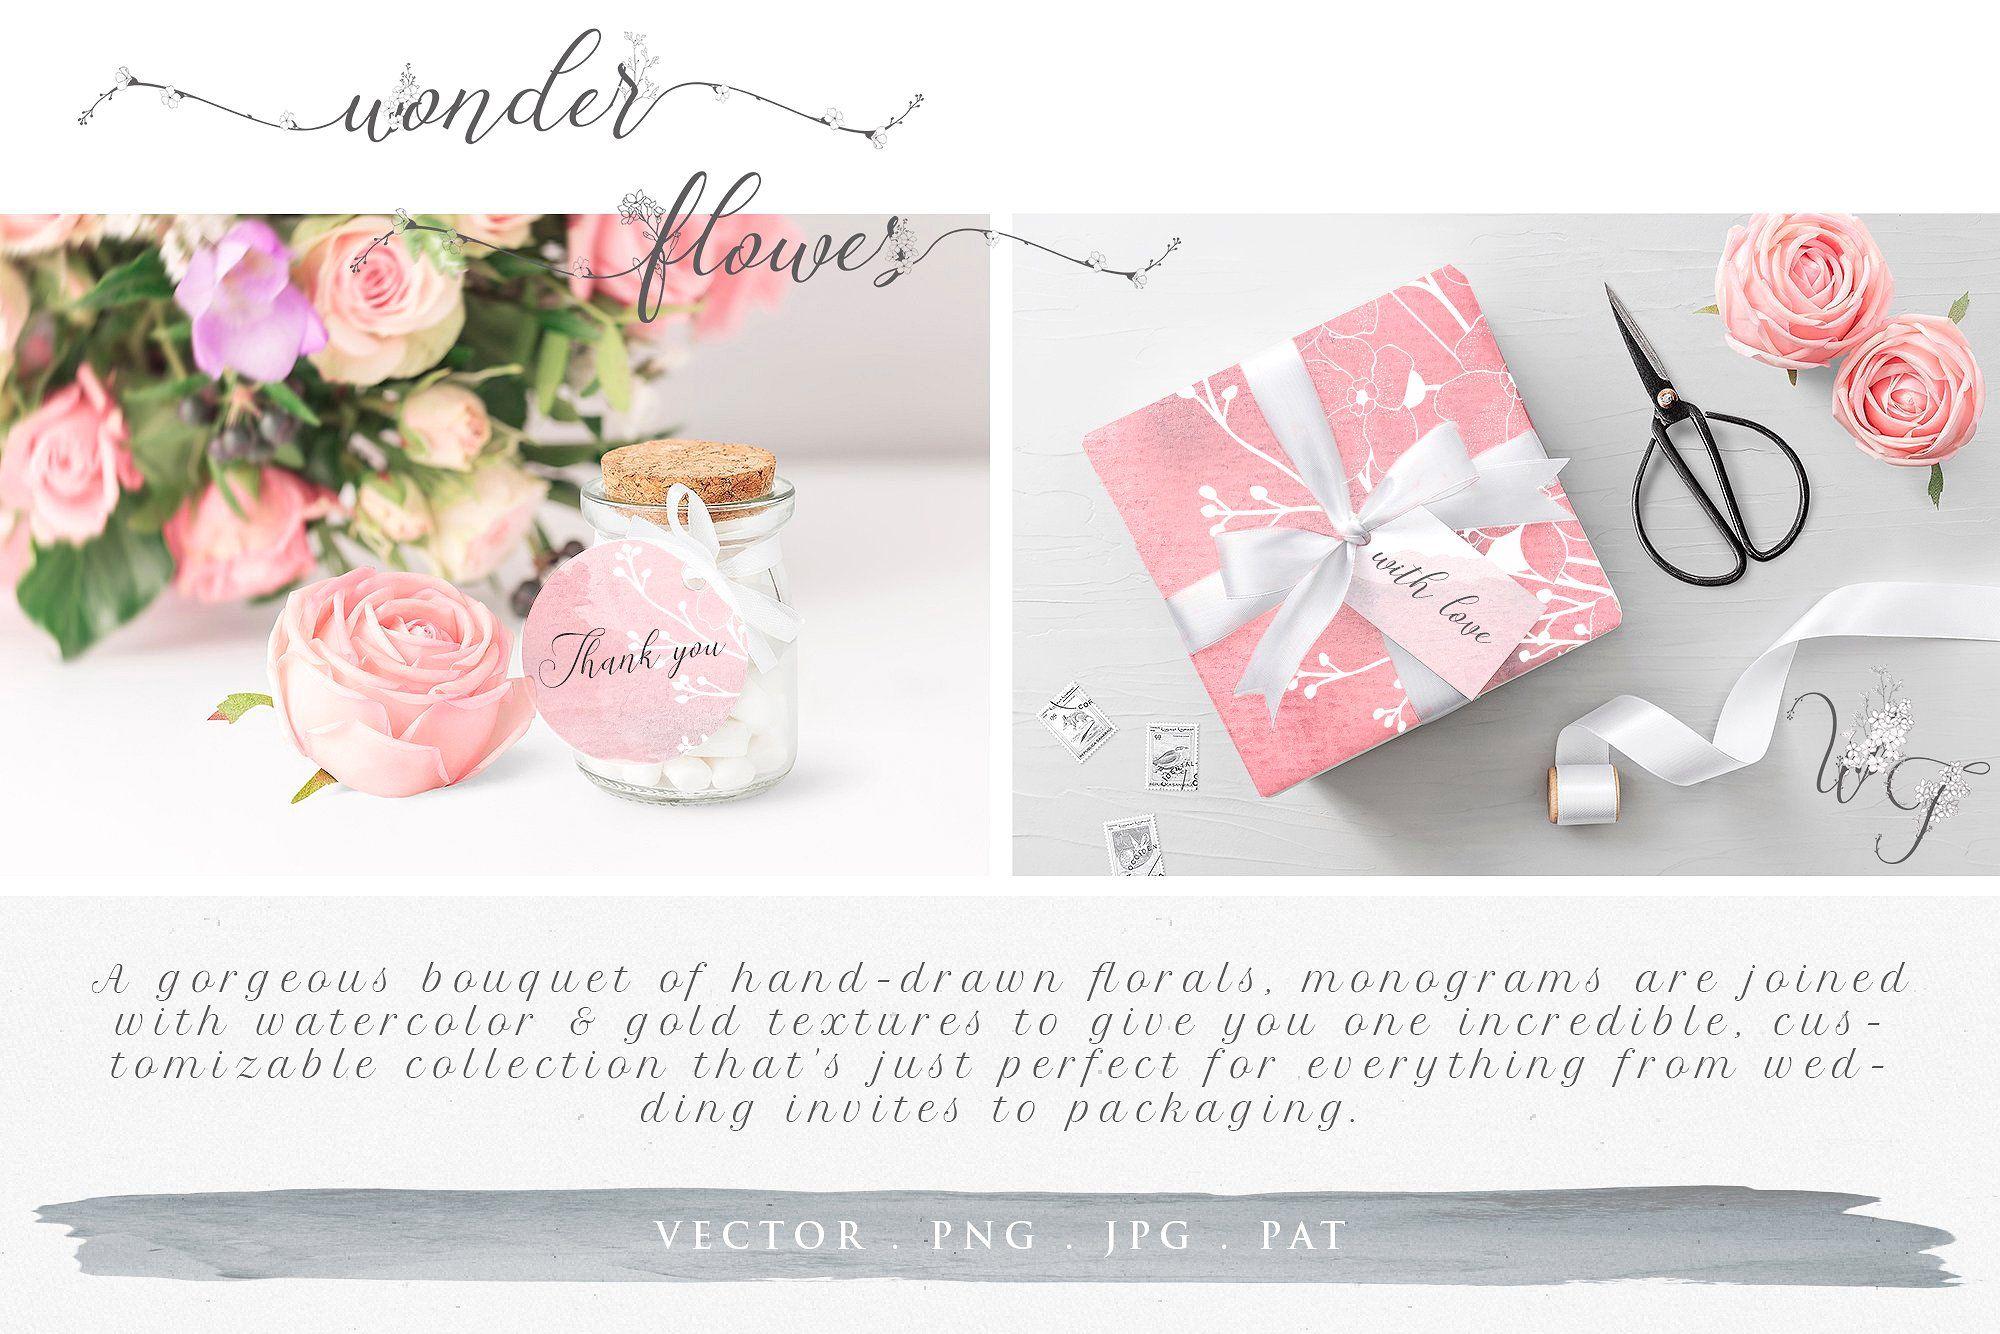 Wonder flowers monograms u logos by olyacreative on